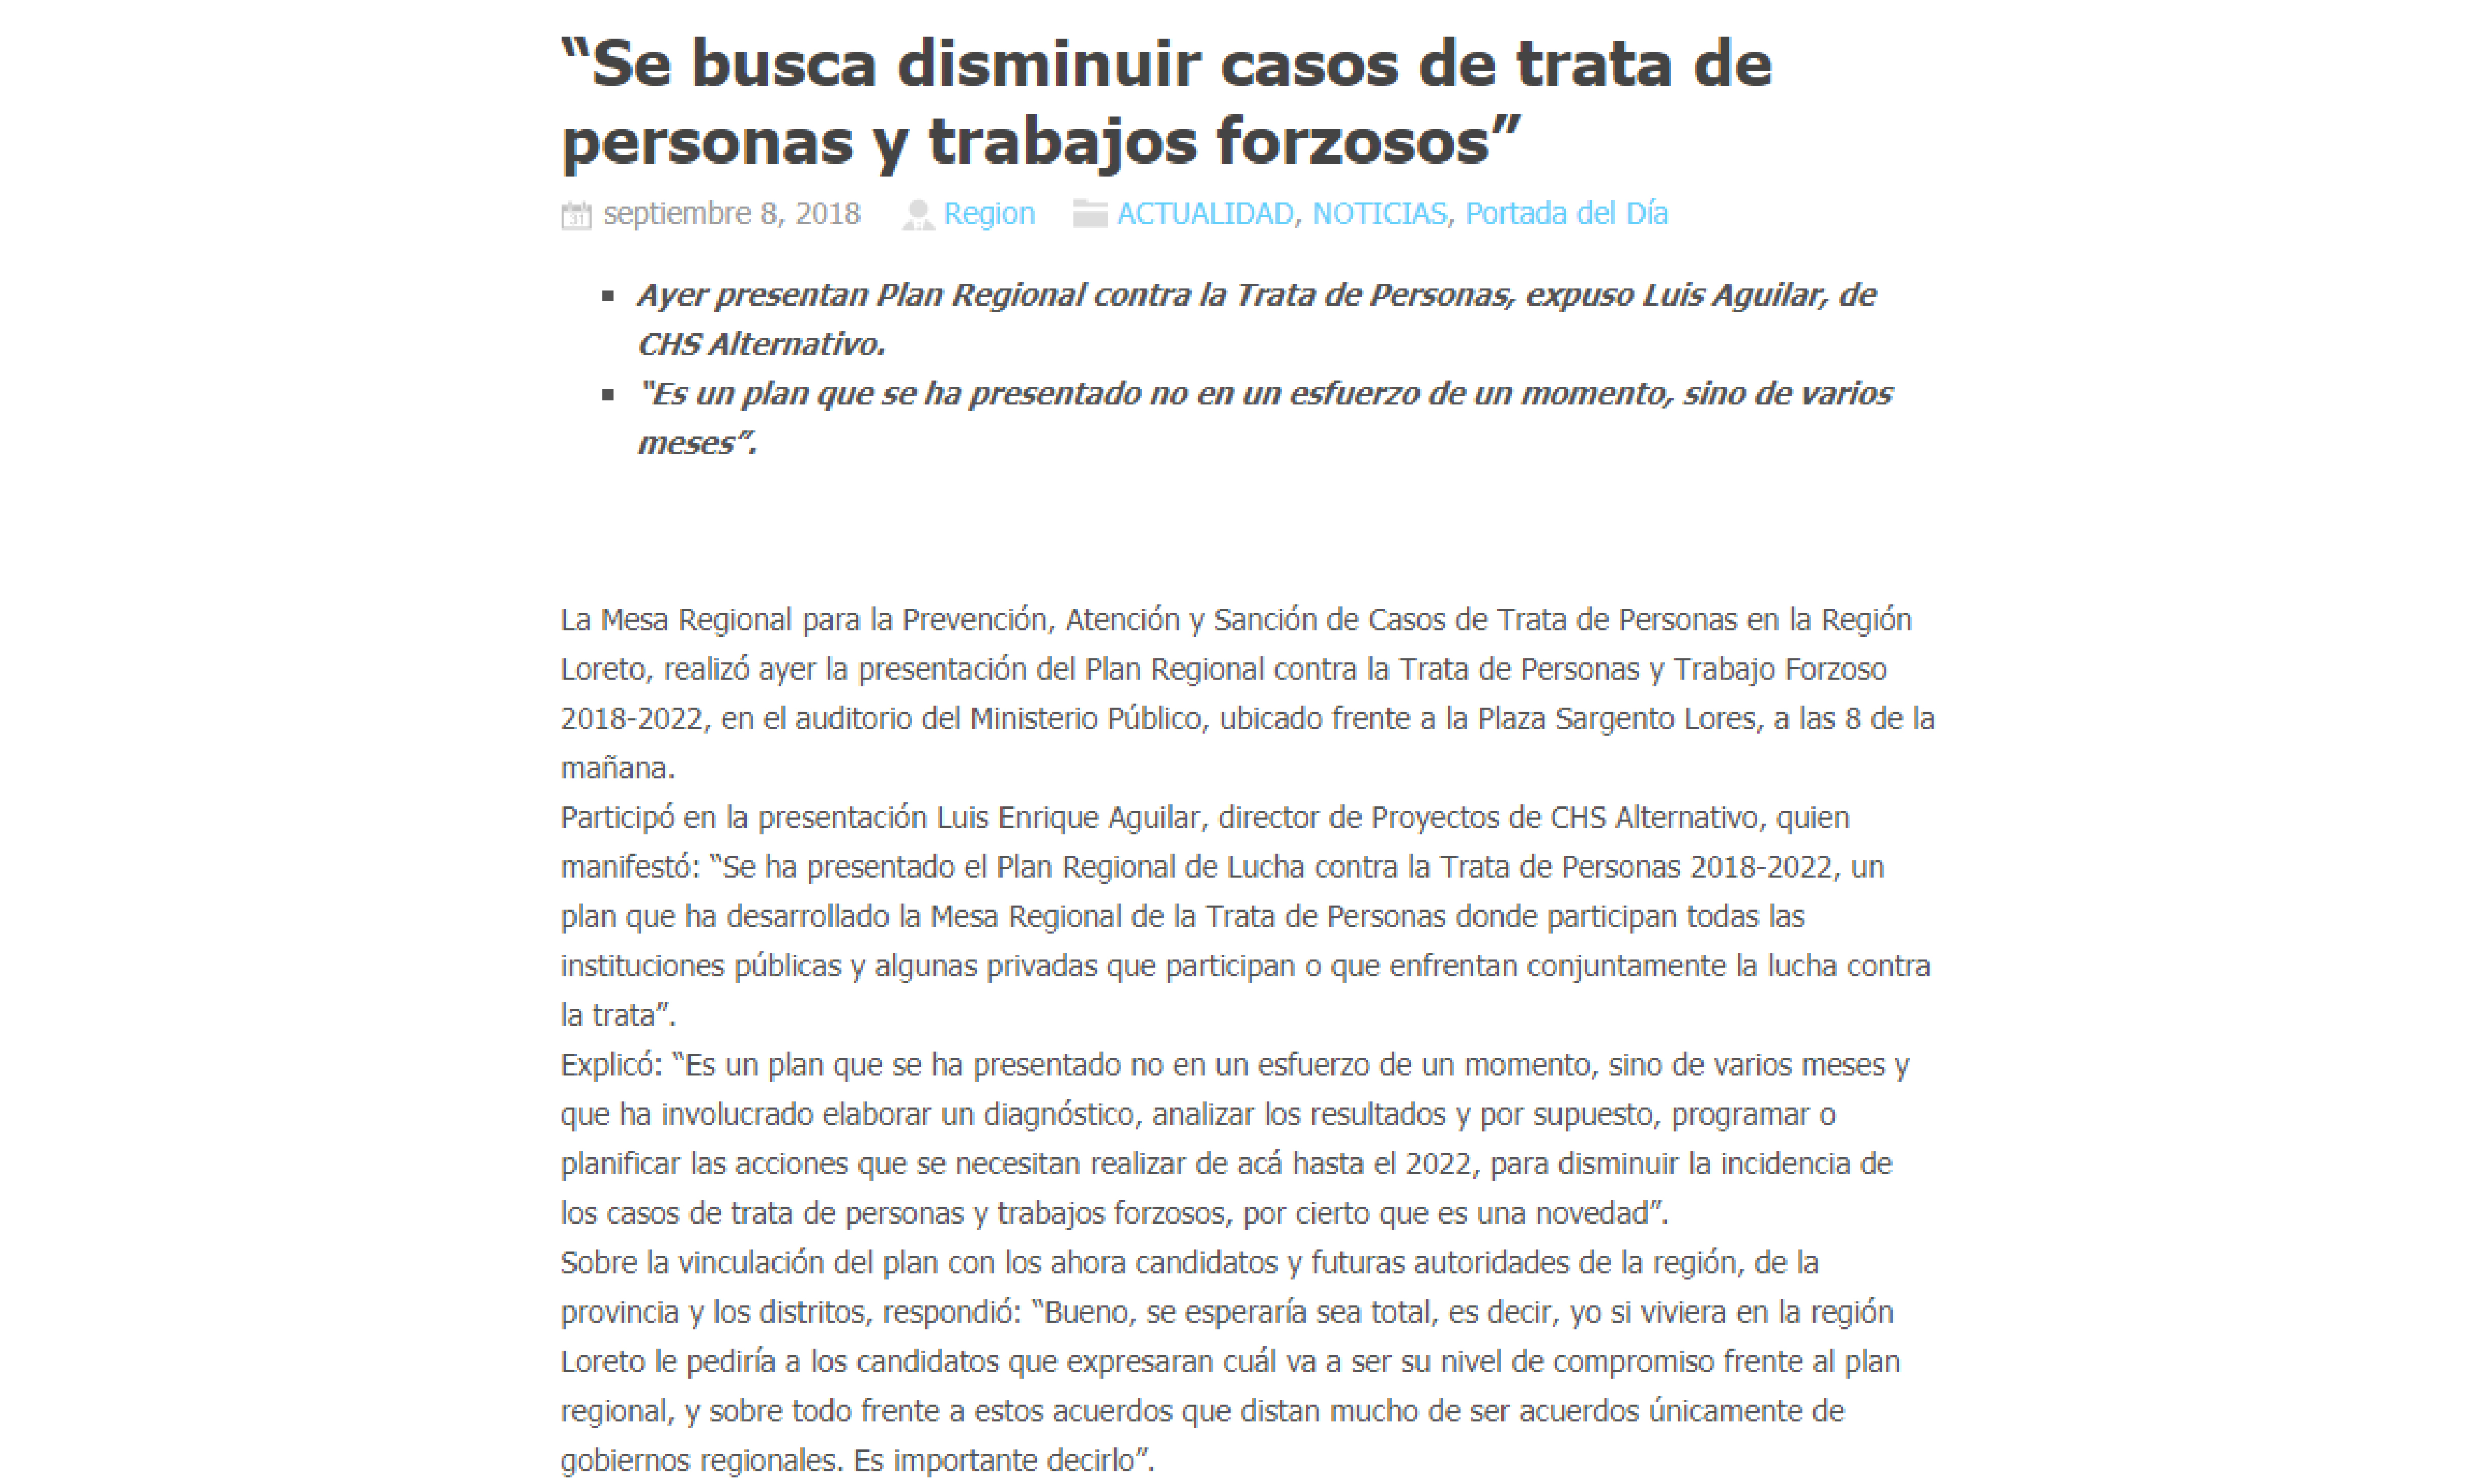 """La Región: """"SE BUSCA DISMINUIR CASOS DE TRATA DE PERSONAS Y TRABAJOS FORZOSOS"""""""